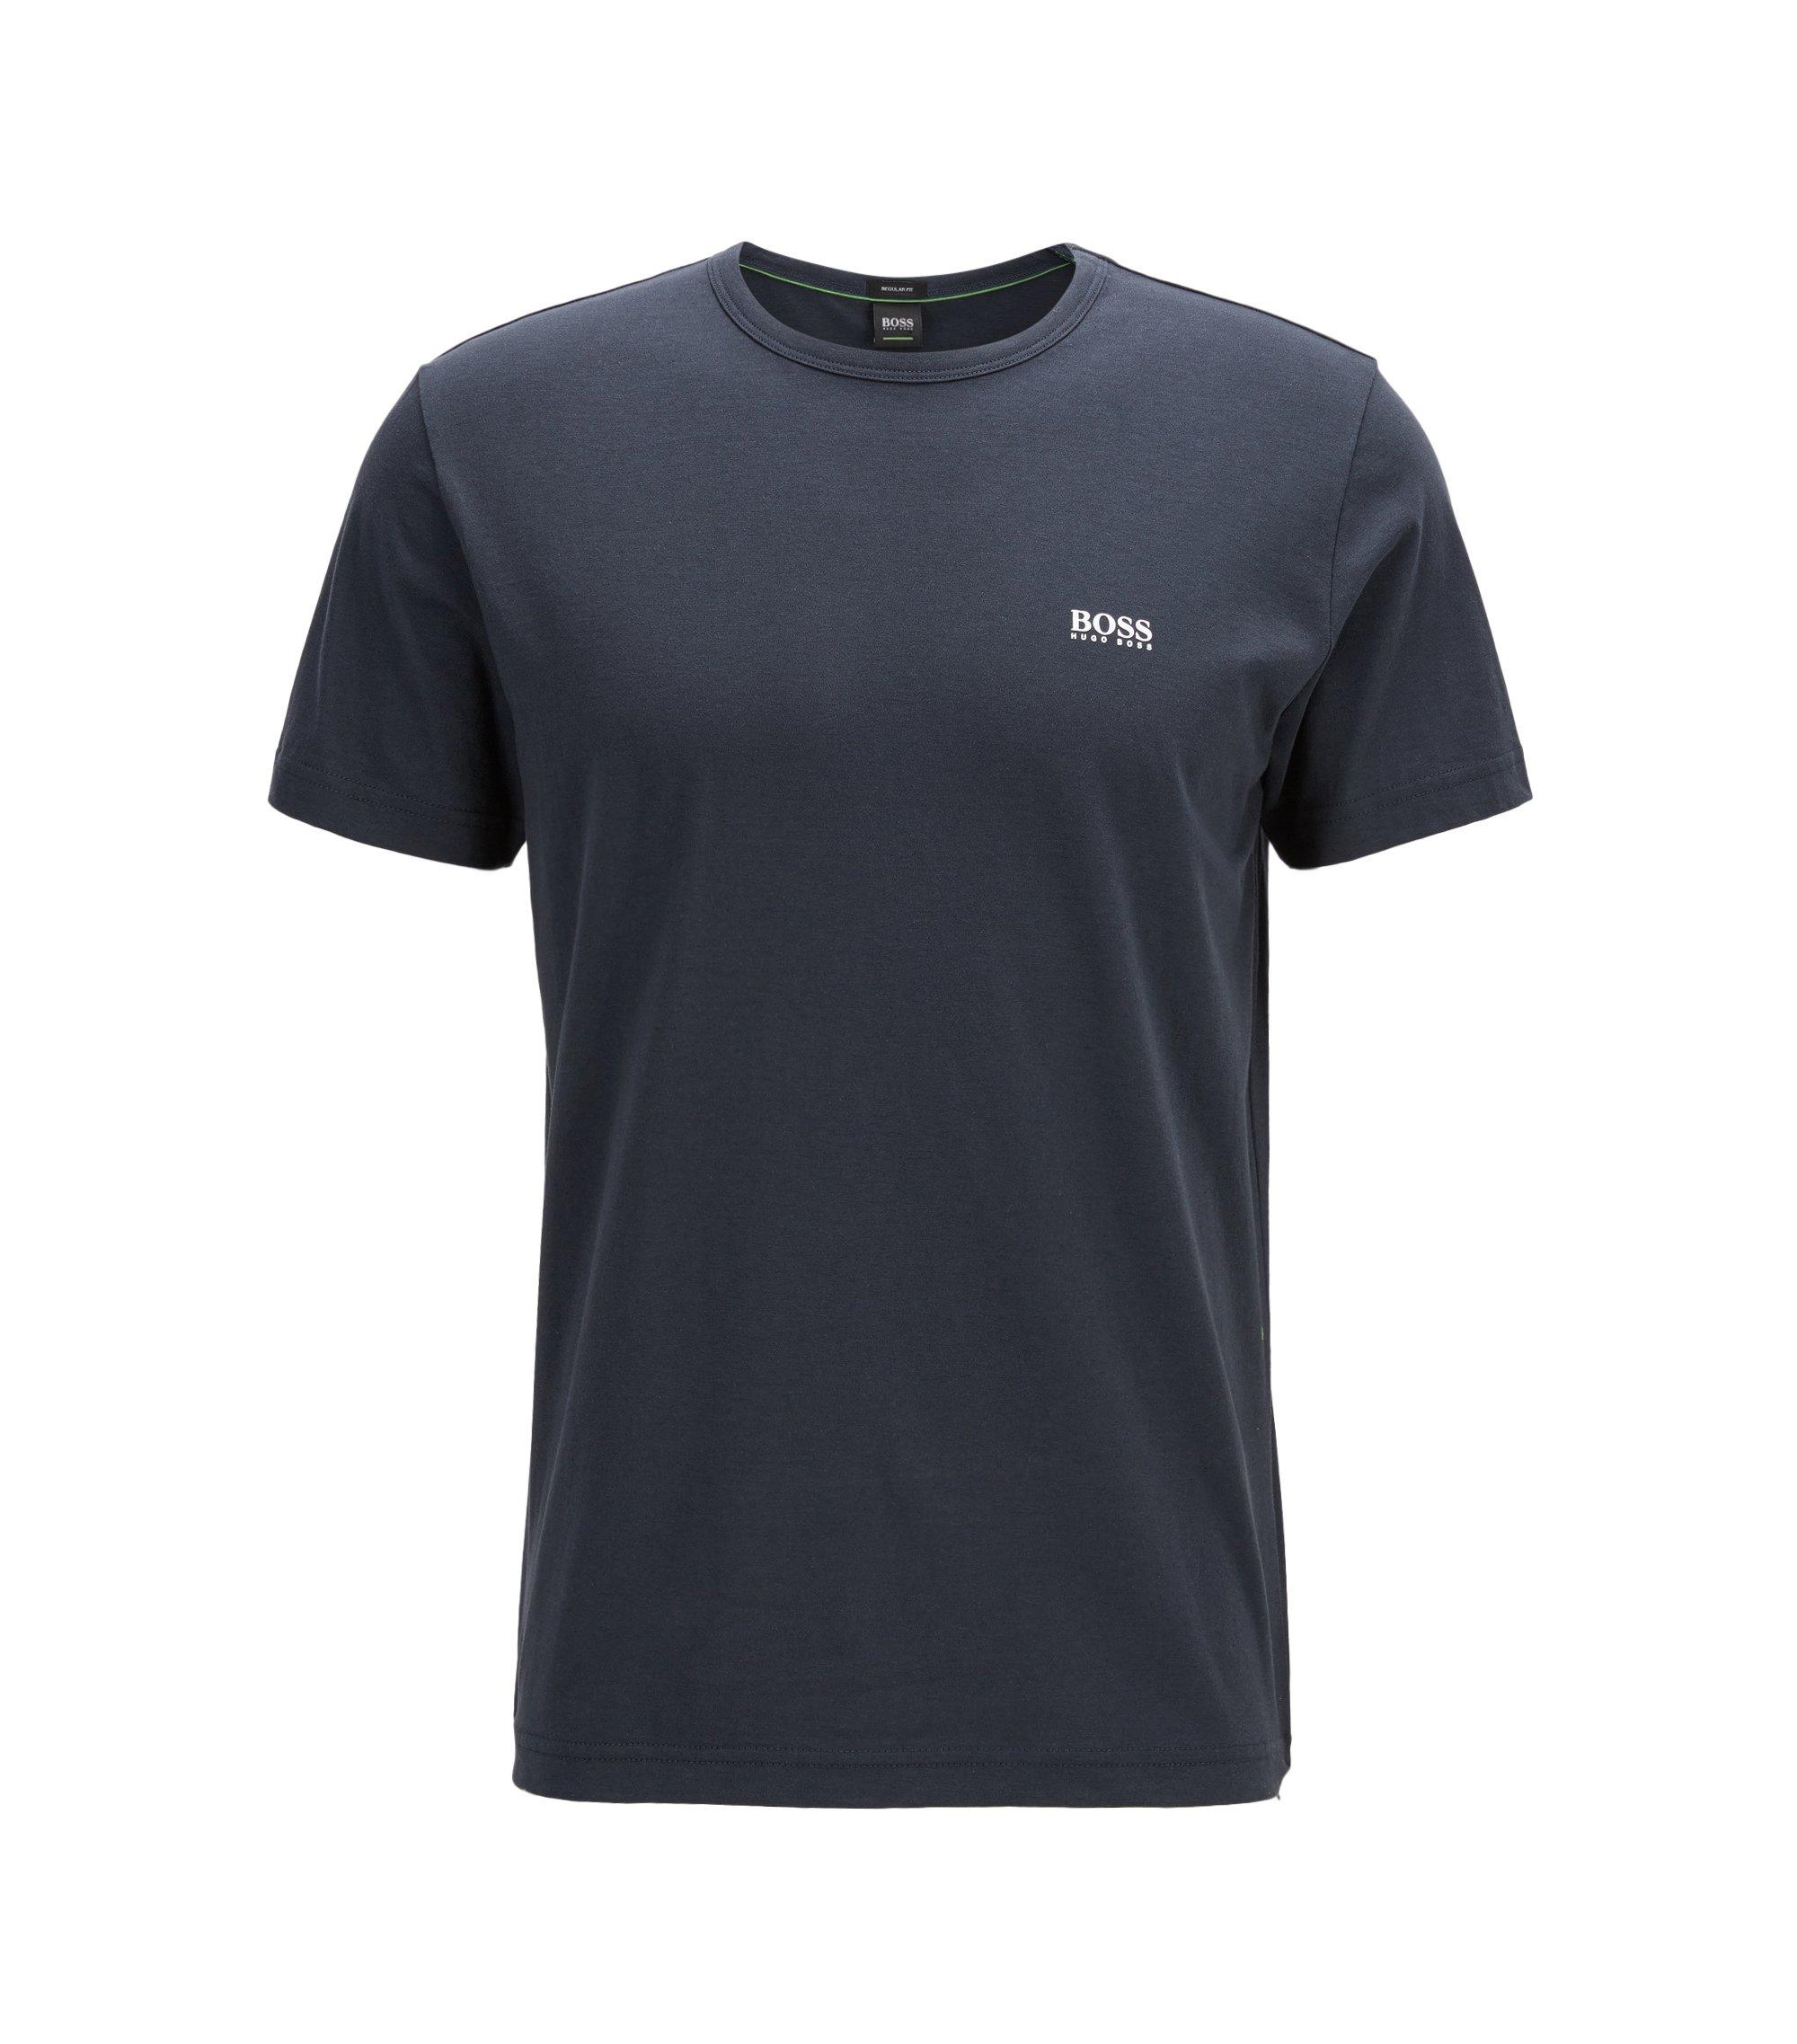 'Tee' | Cotton Jersey Logo T-Shirt, Dark Blue